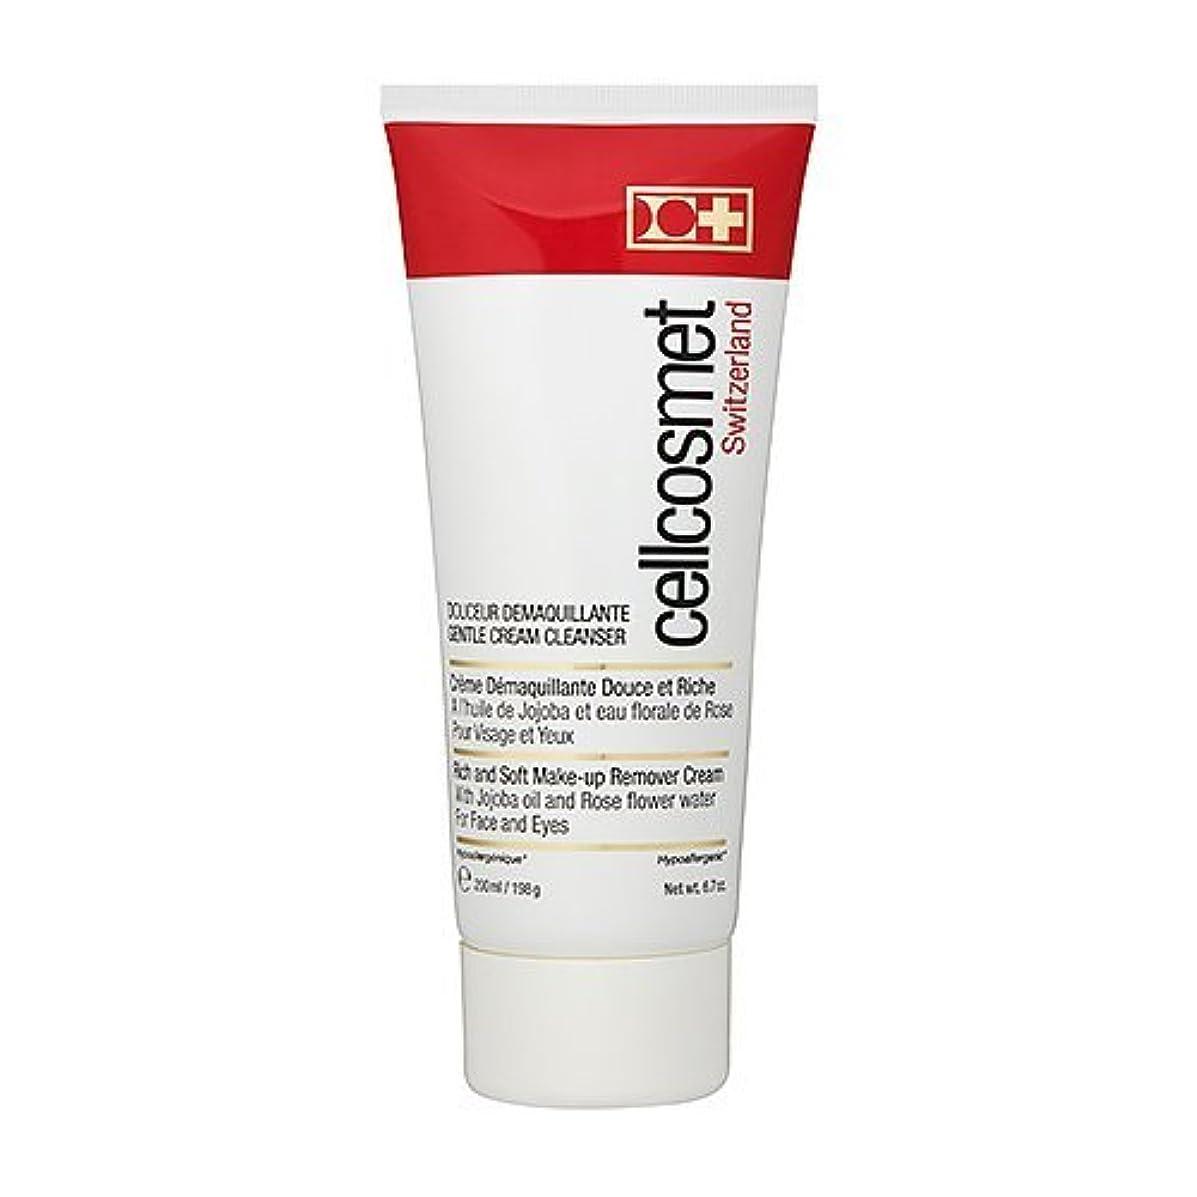 逃す味聖人Cellcosmet & Cellmen Cellcosmet Gentle Cream Cleanser (Rich & Soft MakeUp Remover Cream) 200ml/6.91oz並行輸入品